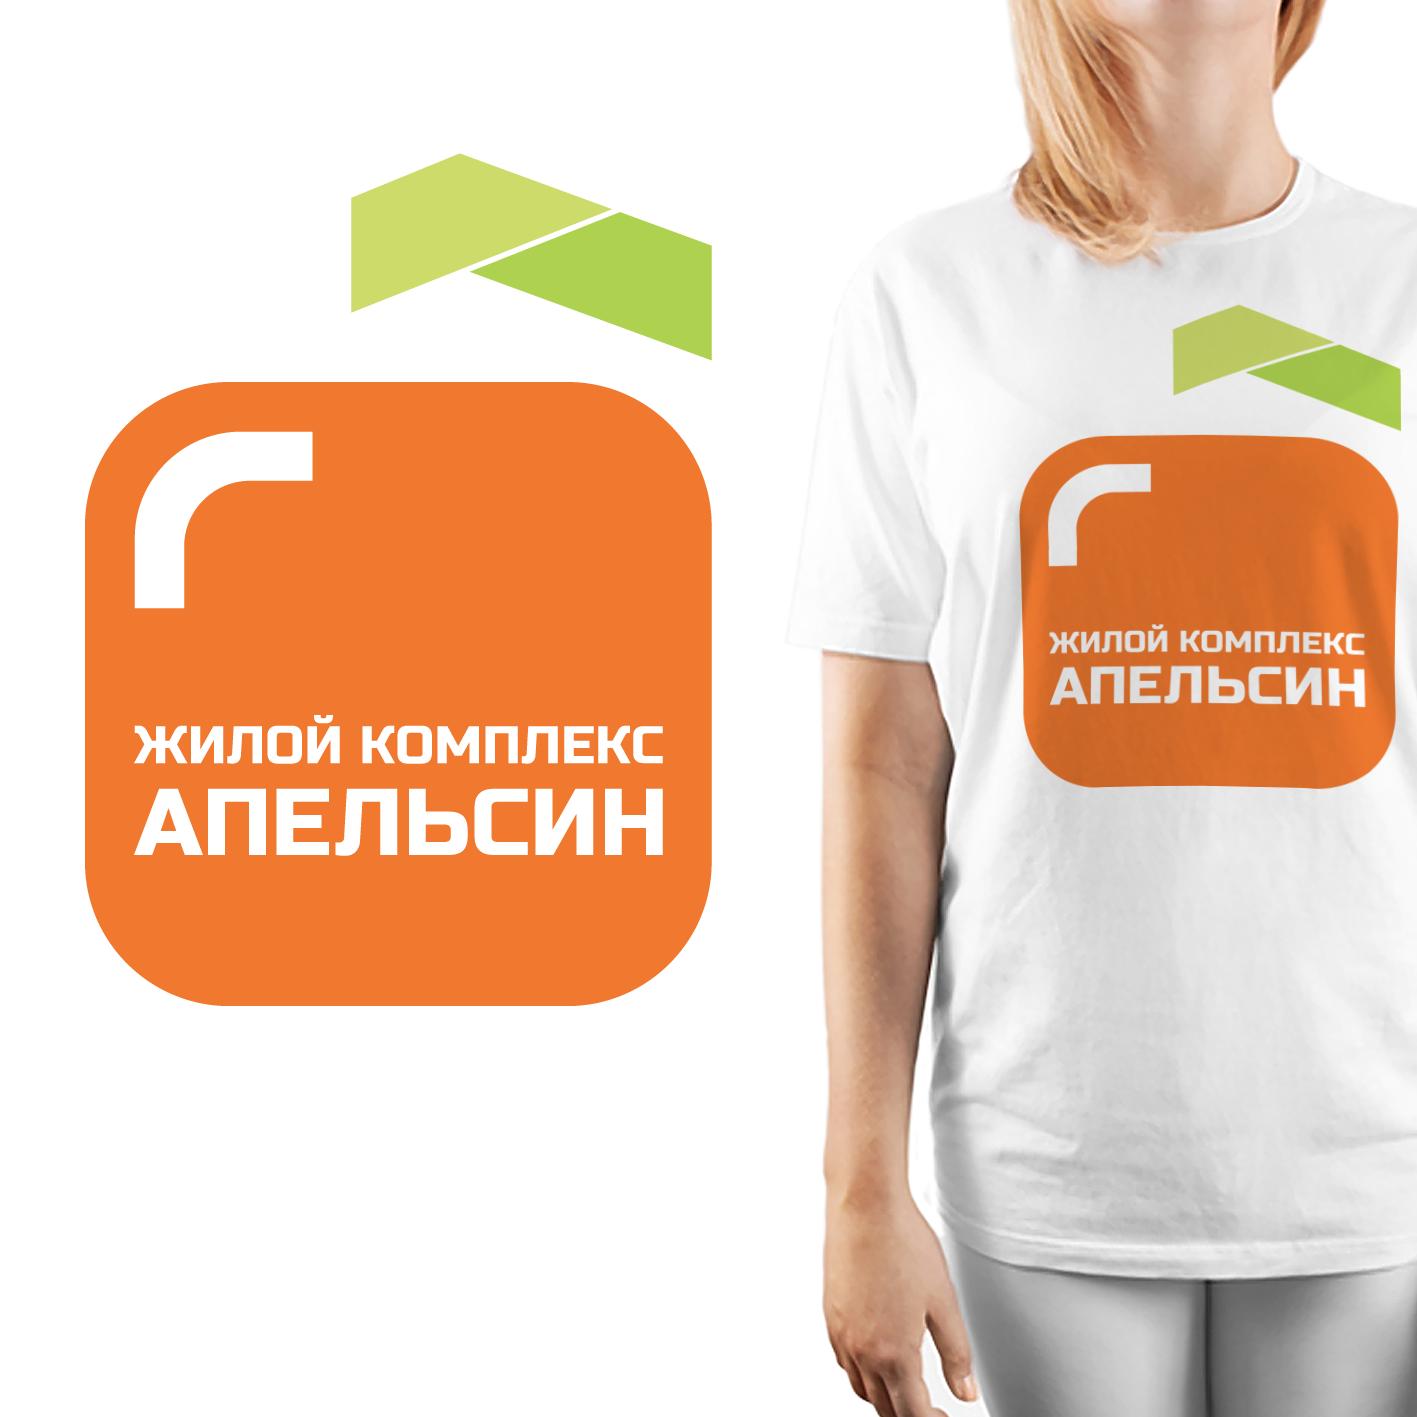 Логотип и фирменный стиль фото f_9915a5c694d3ca4a.png